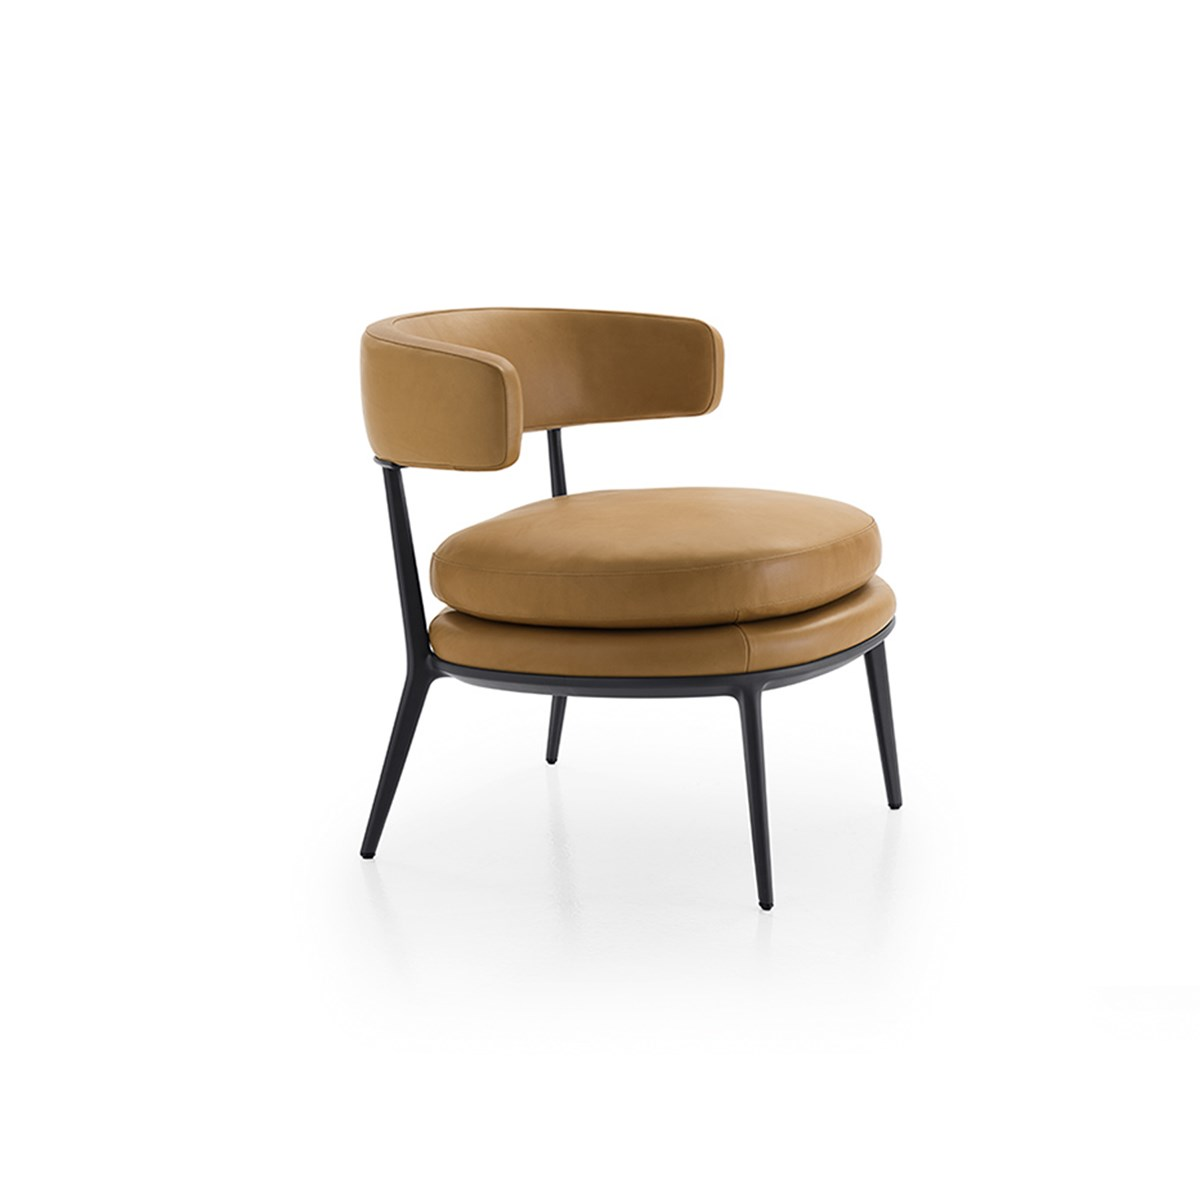 B&B-Italia-Antonio-Citterio-Caratos-Small-Armchair-Matisse-1